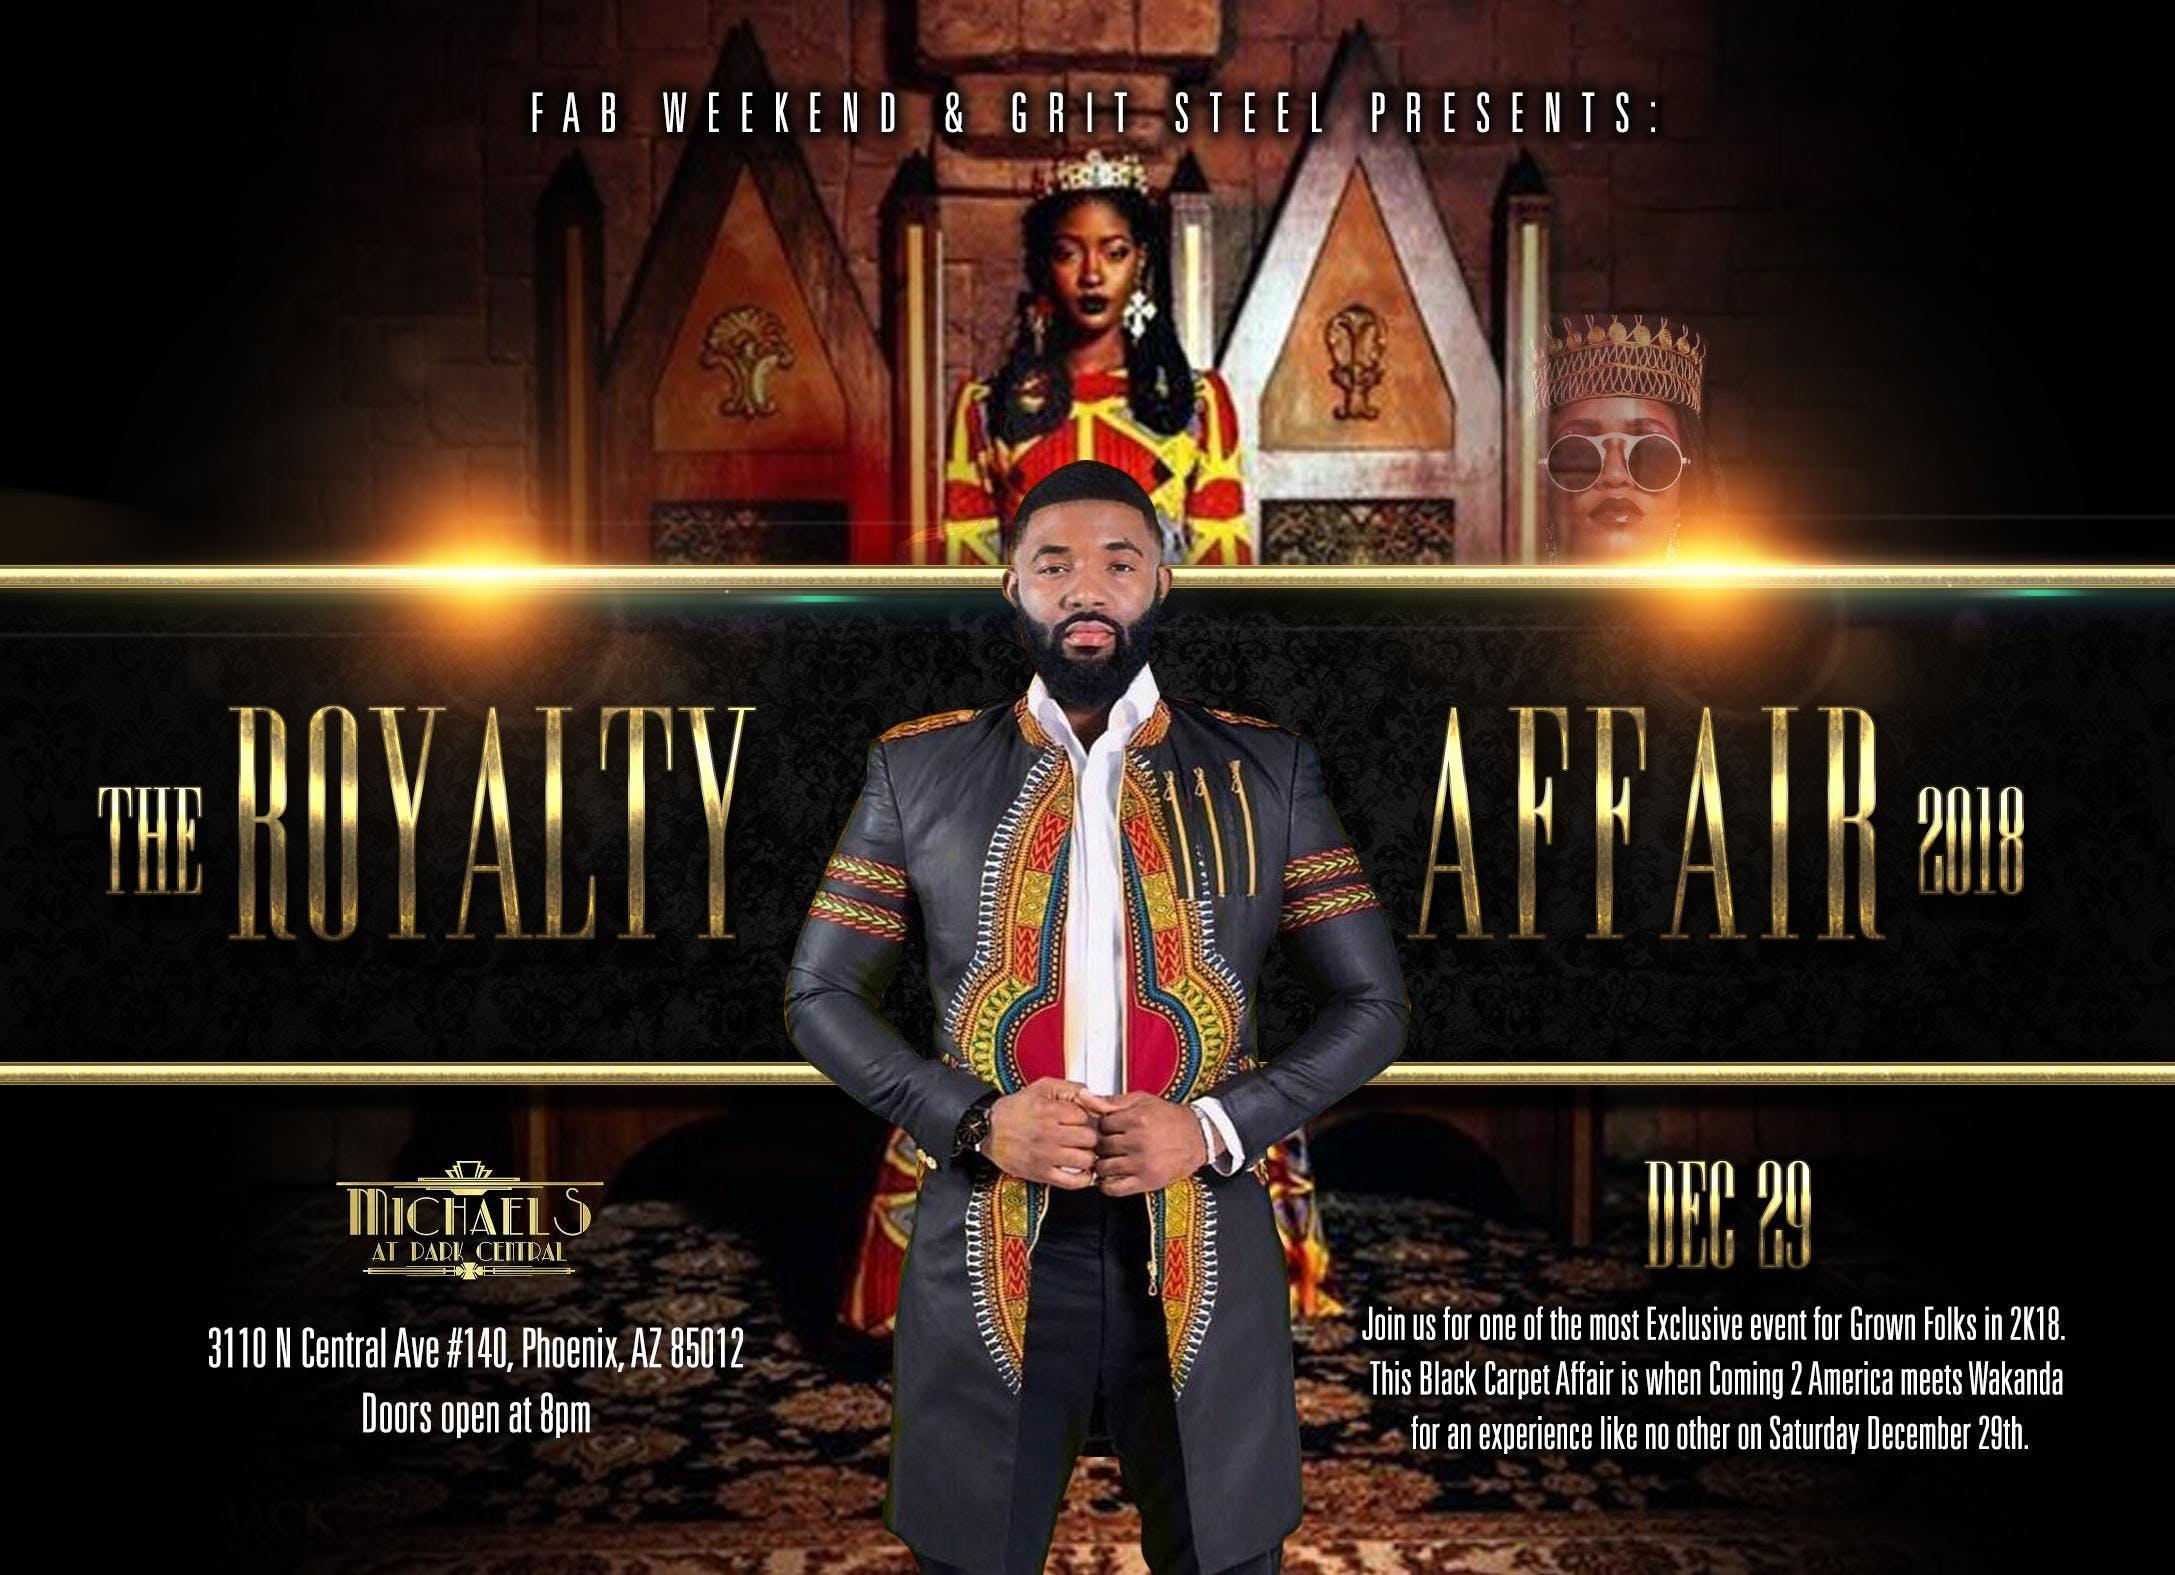 The Royalty Affair 2018